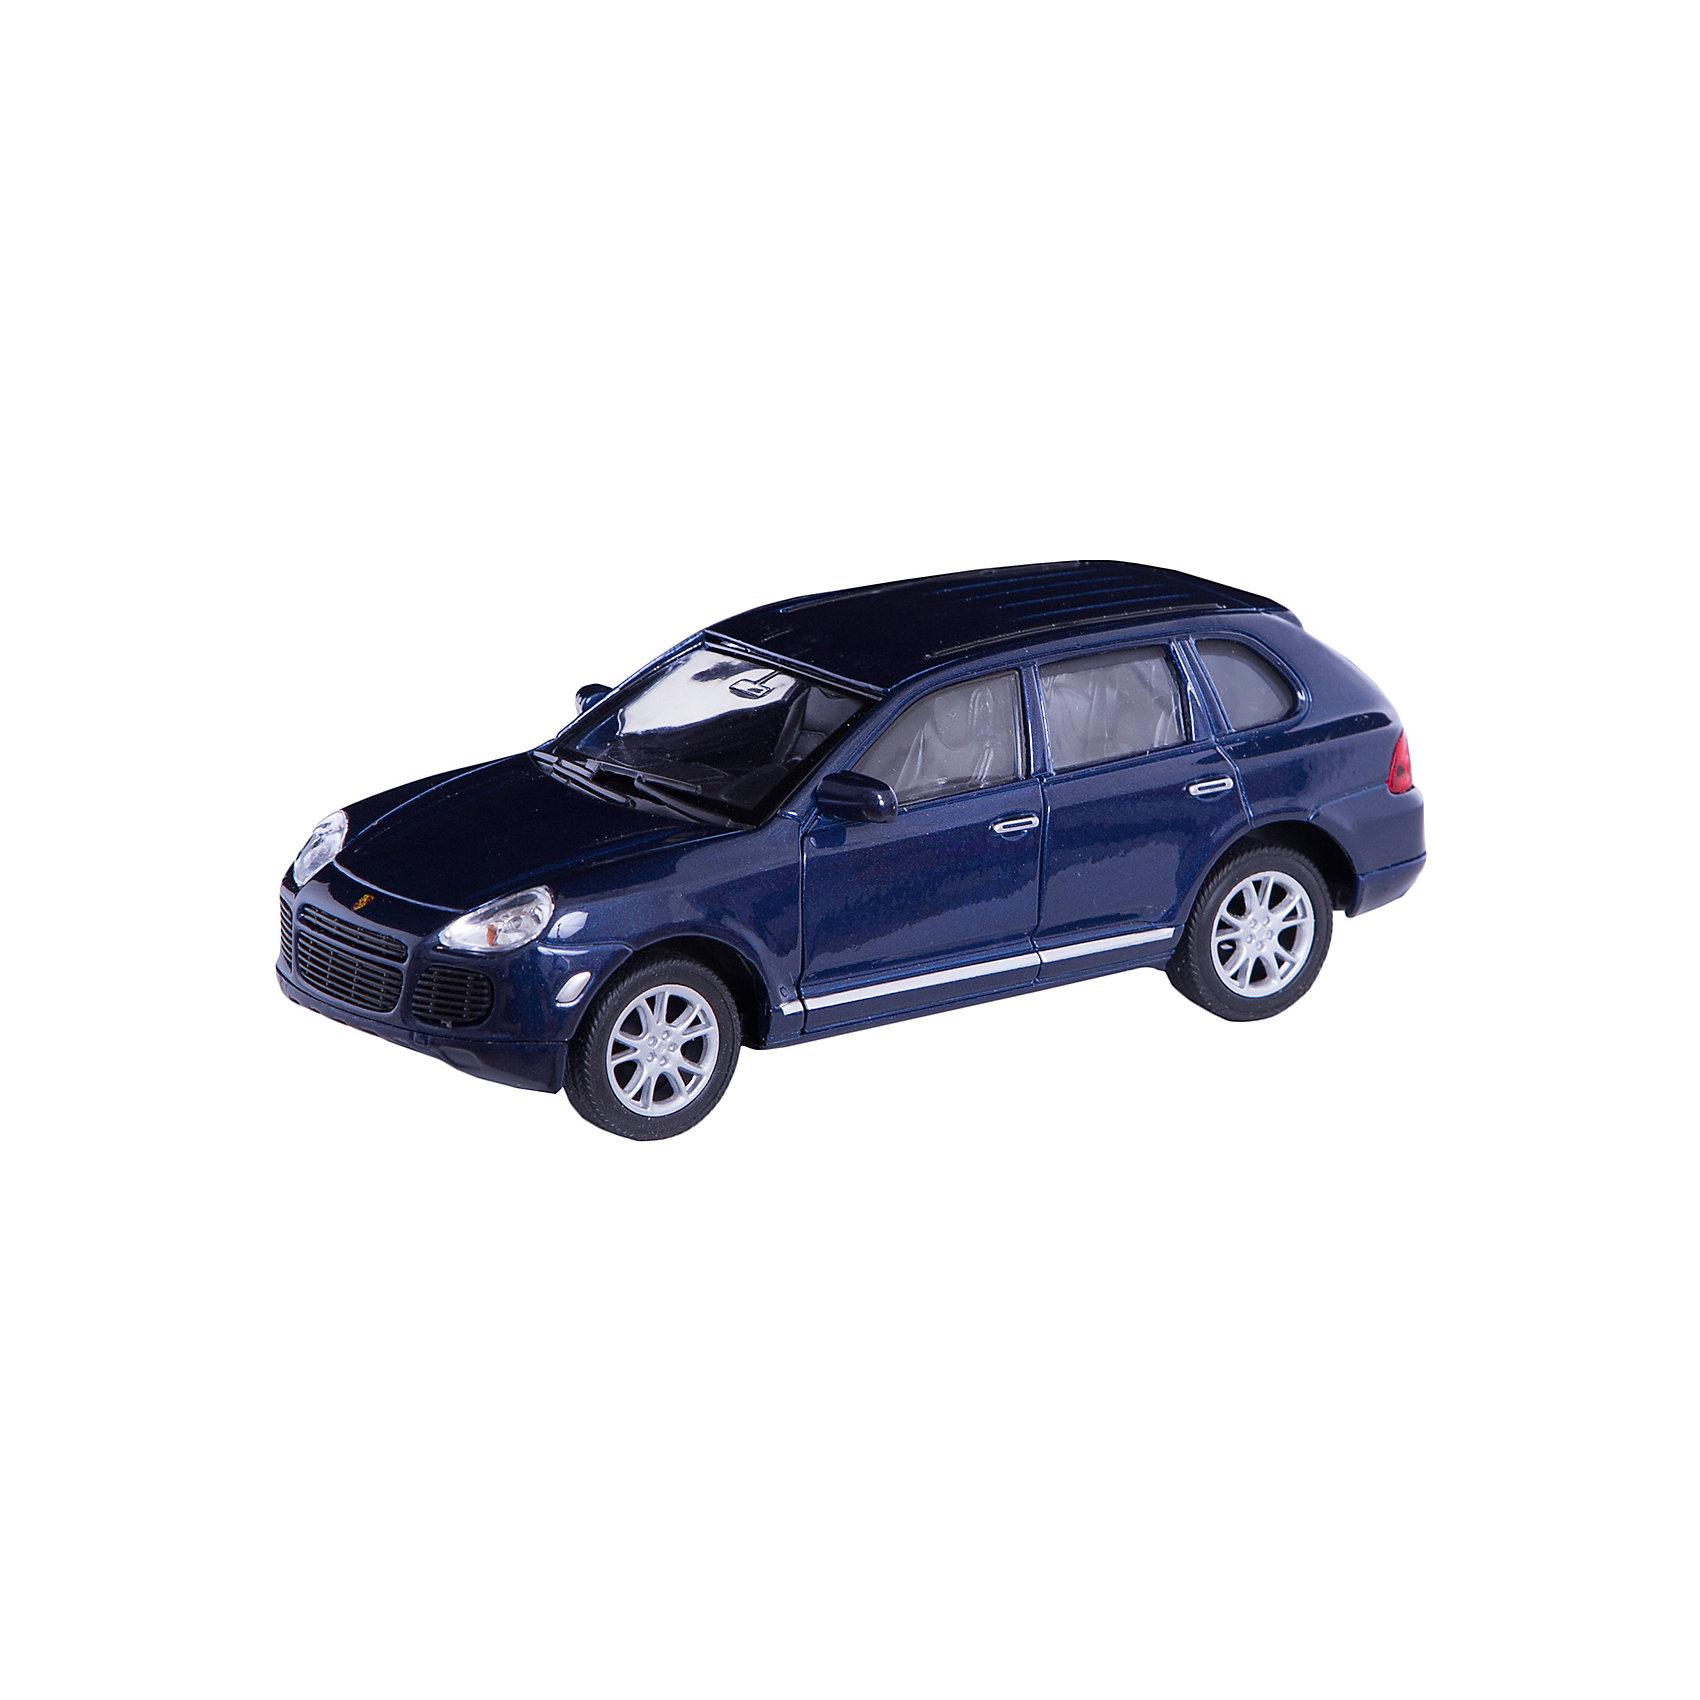 Welly Модель машины 1:31 Porscge Cayenne TurboКоллекционные модели<br>Каждая модель является точной копией серийно выпускаемой машины и производится только по лицензии авто производителя. Машины этой серии имеют инерционный механизм, а также открываются передние двери.<br><br>Дополнительная информация:<br><br>Размеры: 18 x 8 x 7 см.<br><br>ВНИМАНИЕ! Данный артикул имеется в наличии в разных цветах. Заранее выбрать определенный цвет нельзя. При заказе нескольких позиций возможно получение одинаковых.<br><br>Ширина мм: 180<br>Глубина мм: 80<br>Высота мм: 80<br>Вес г: 339<br>Возраст от месяцев: 84<br>Возраст до месяцев: 1188<br>Пол: Мужской<br>Возраст: Детский<br>SKU: 2150107